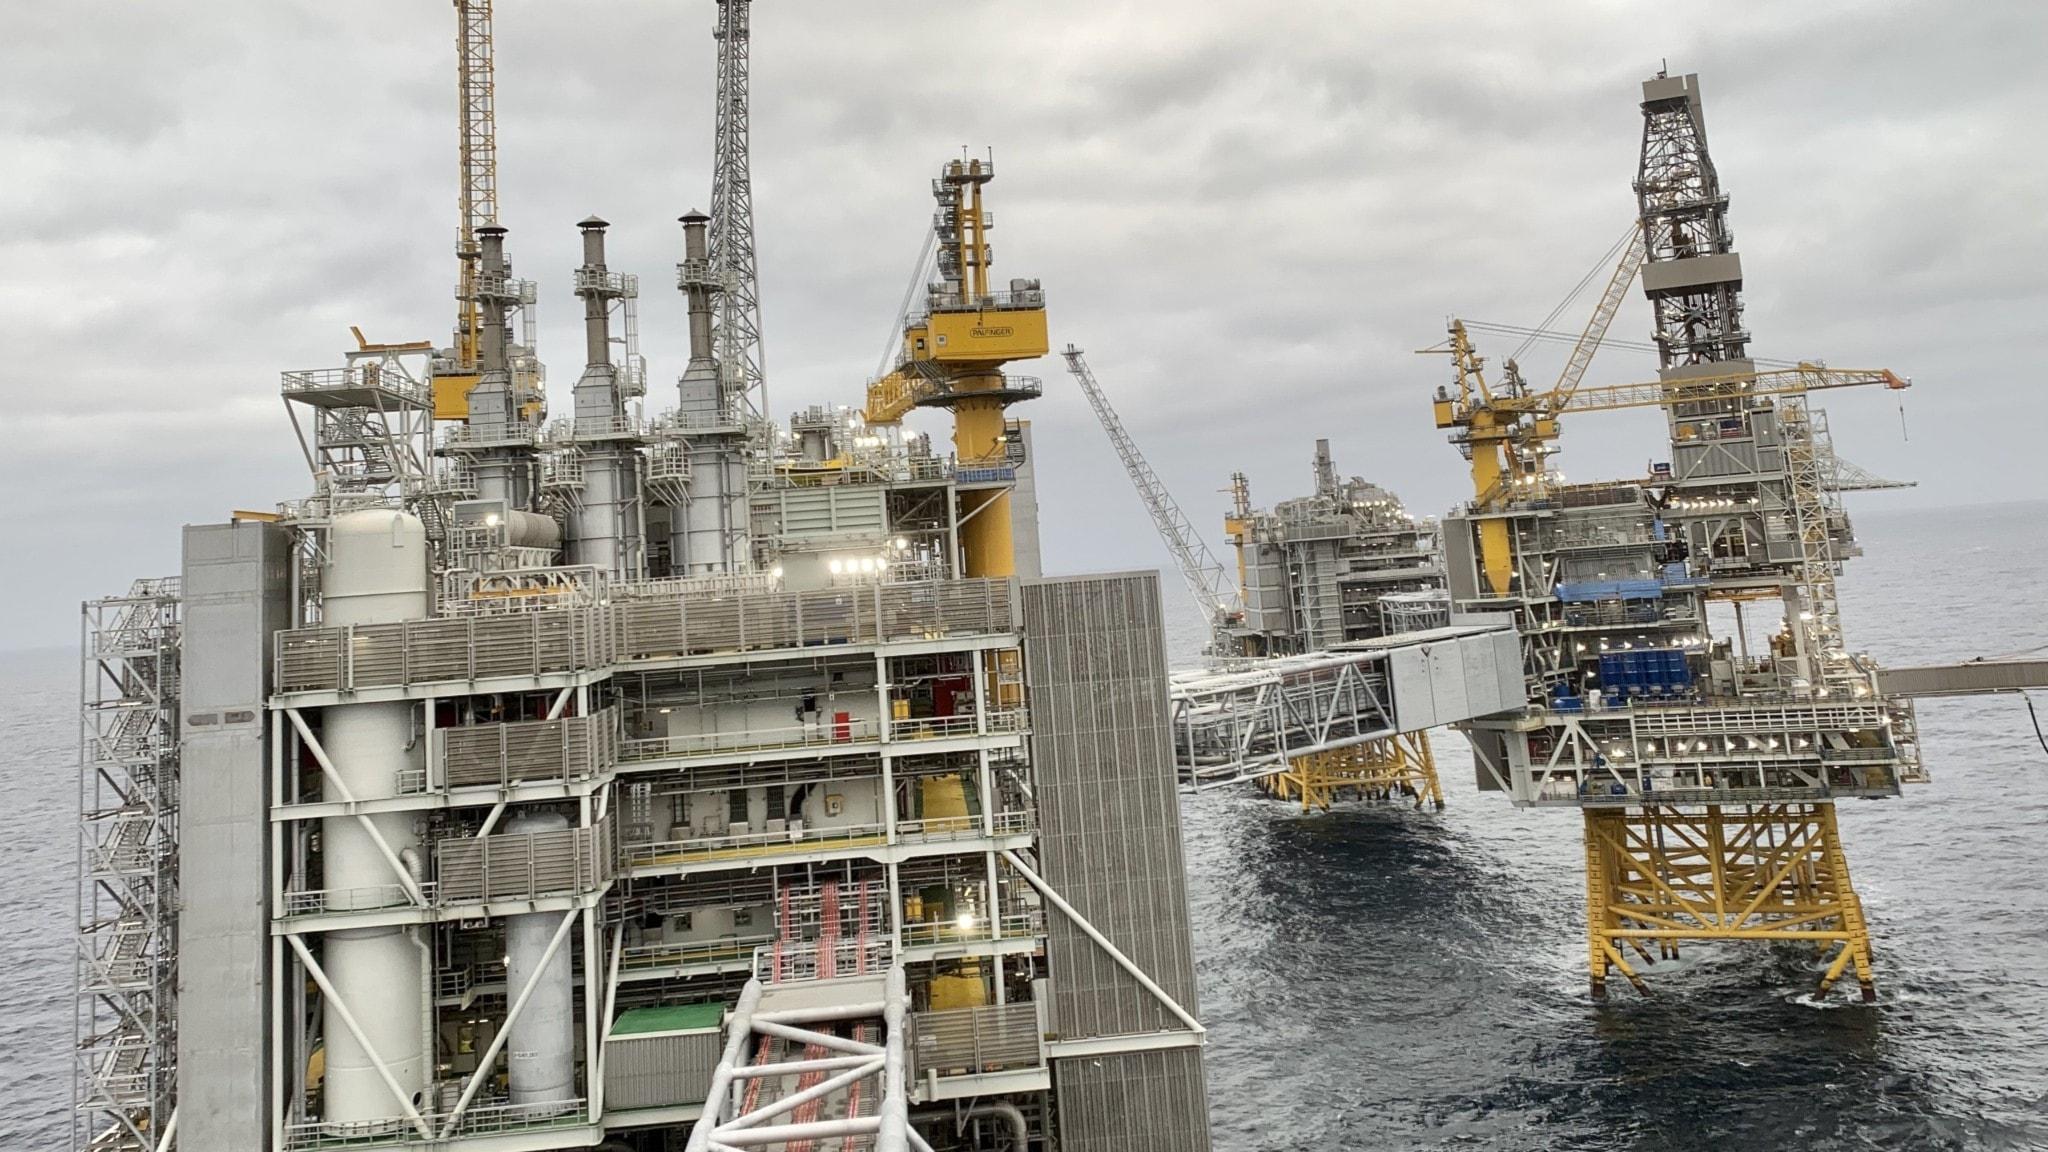 Klimatstrid om nytt oljefält  - Nyheter (Ekot)